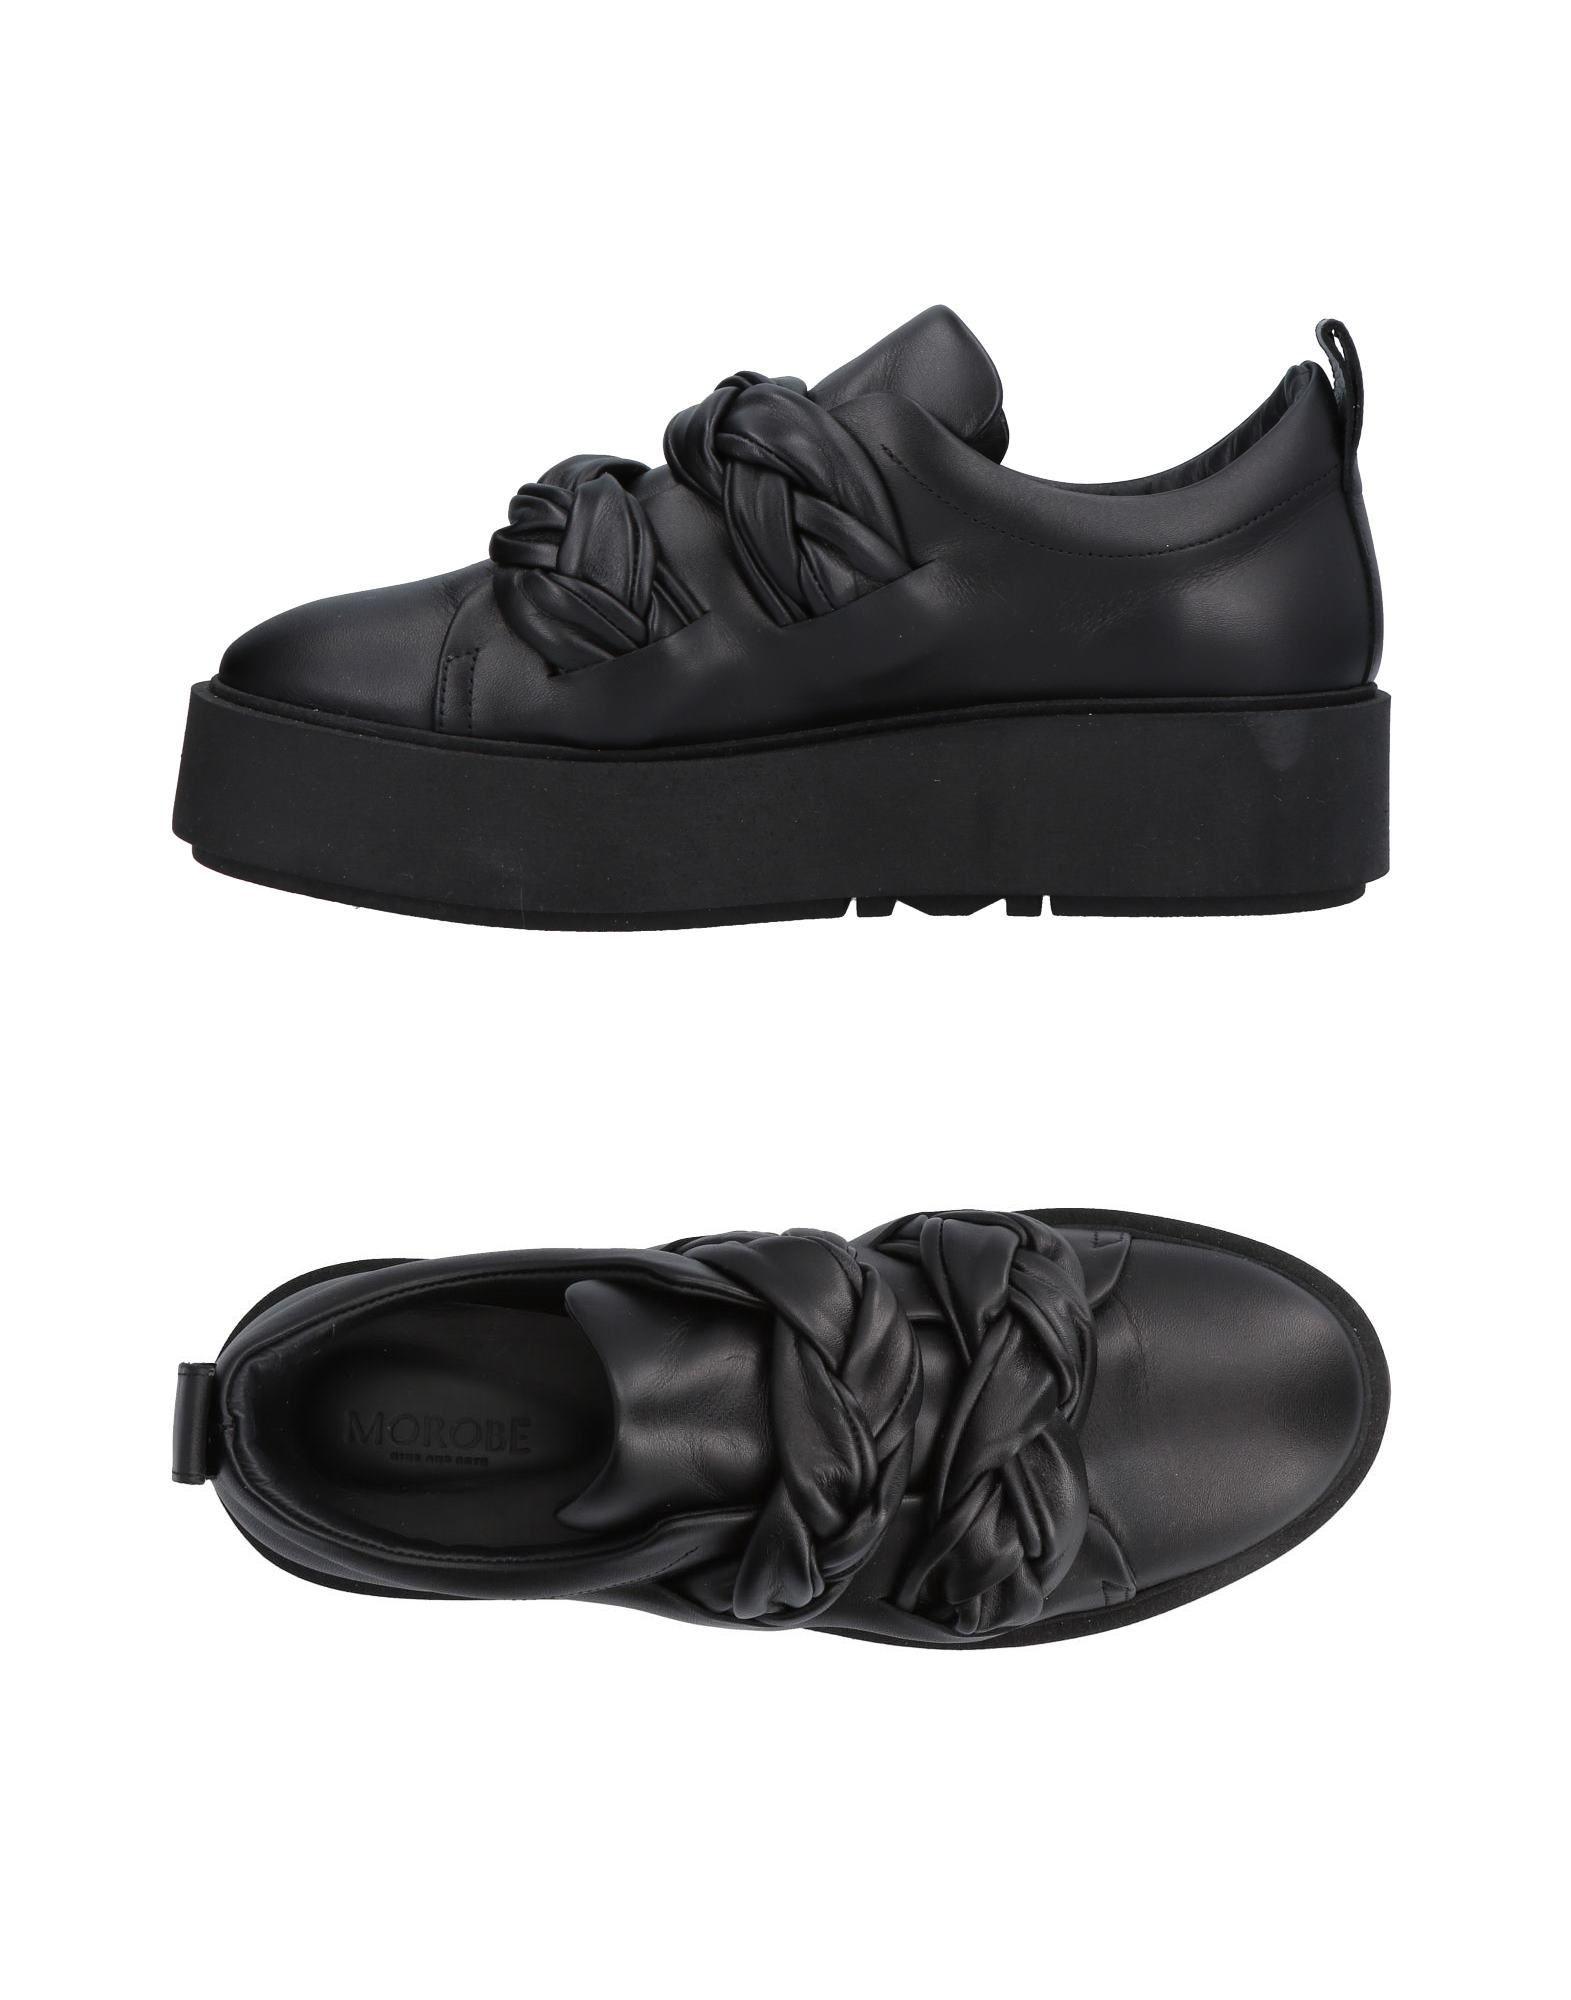 Sneakers Morobē Donna - 11450373BT Scarpe economiche e buone